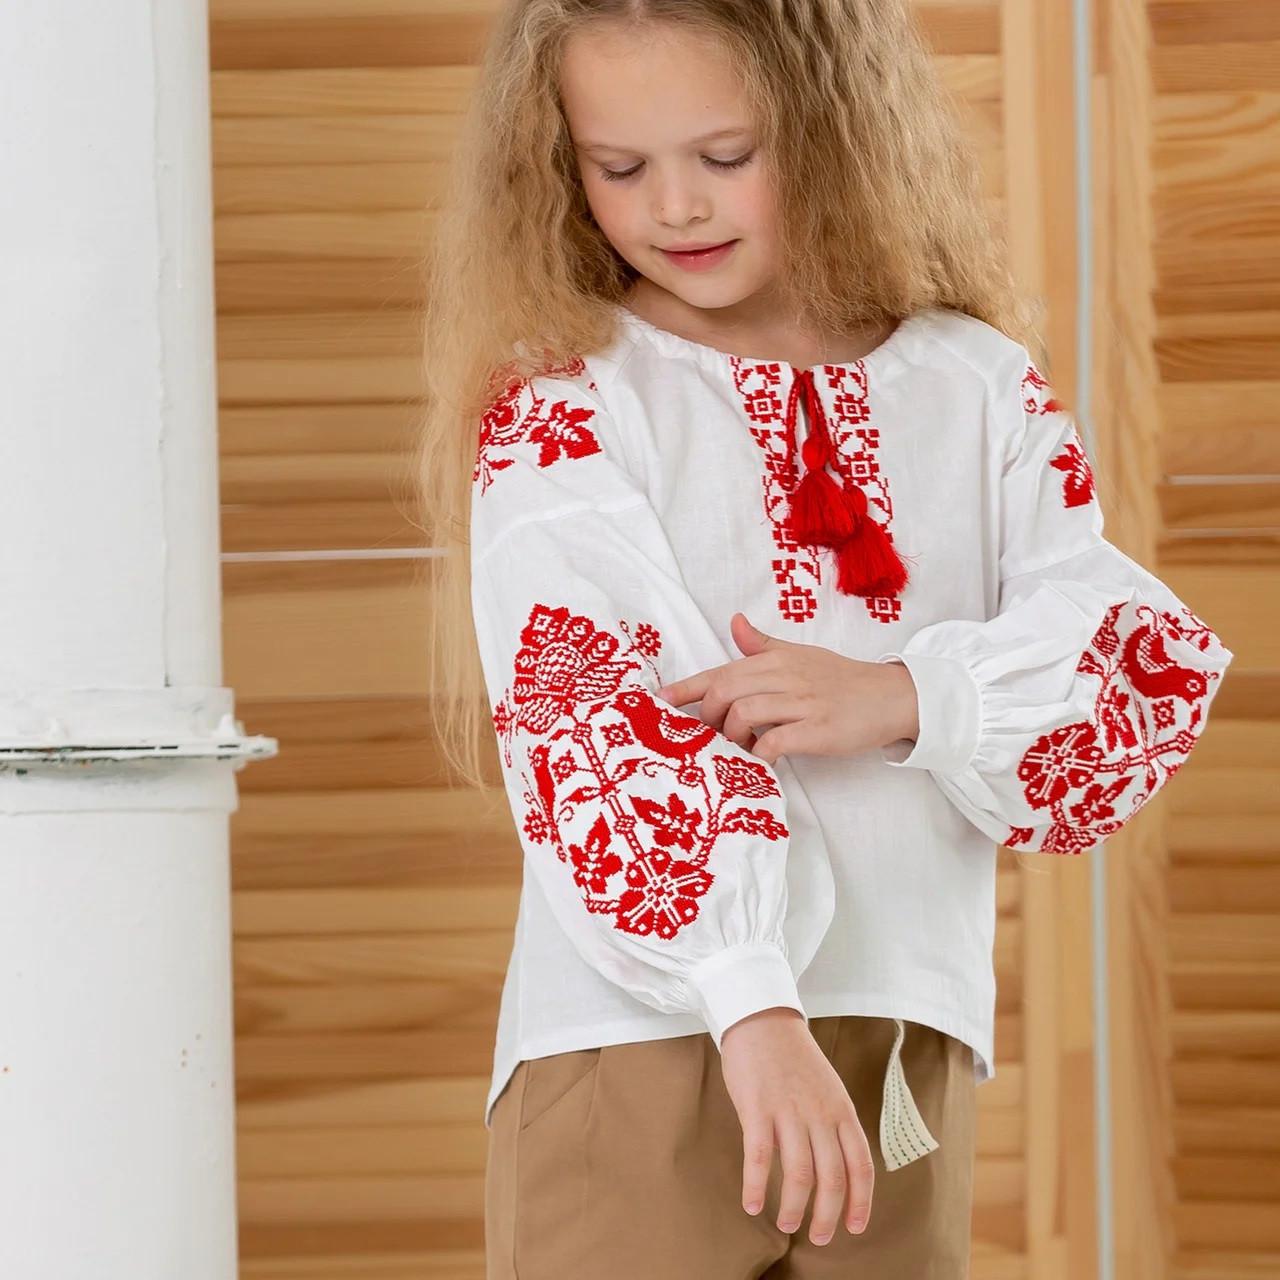 """Вышиванка для девочки в этно стиле """"Соловьи"""""""